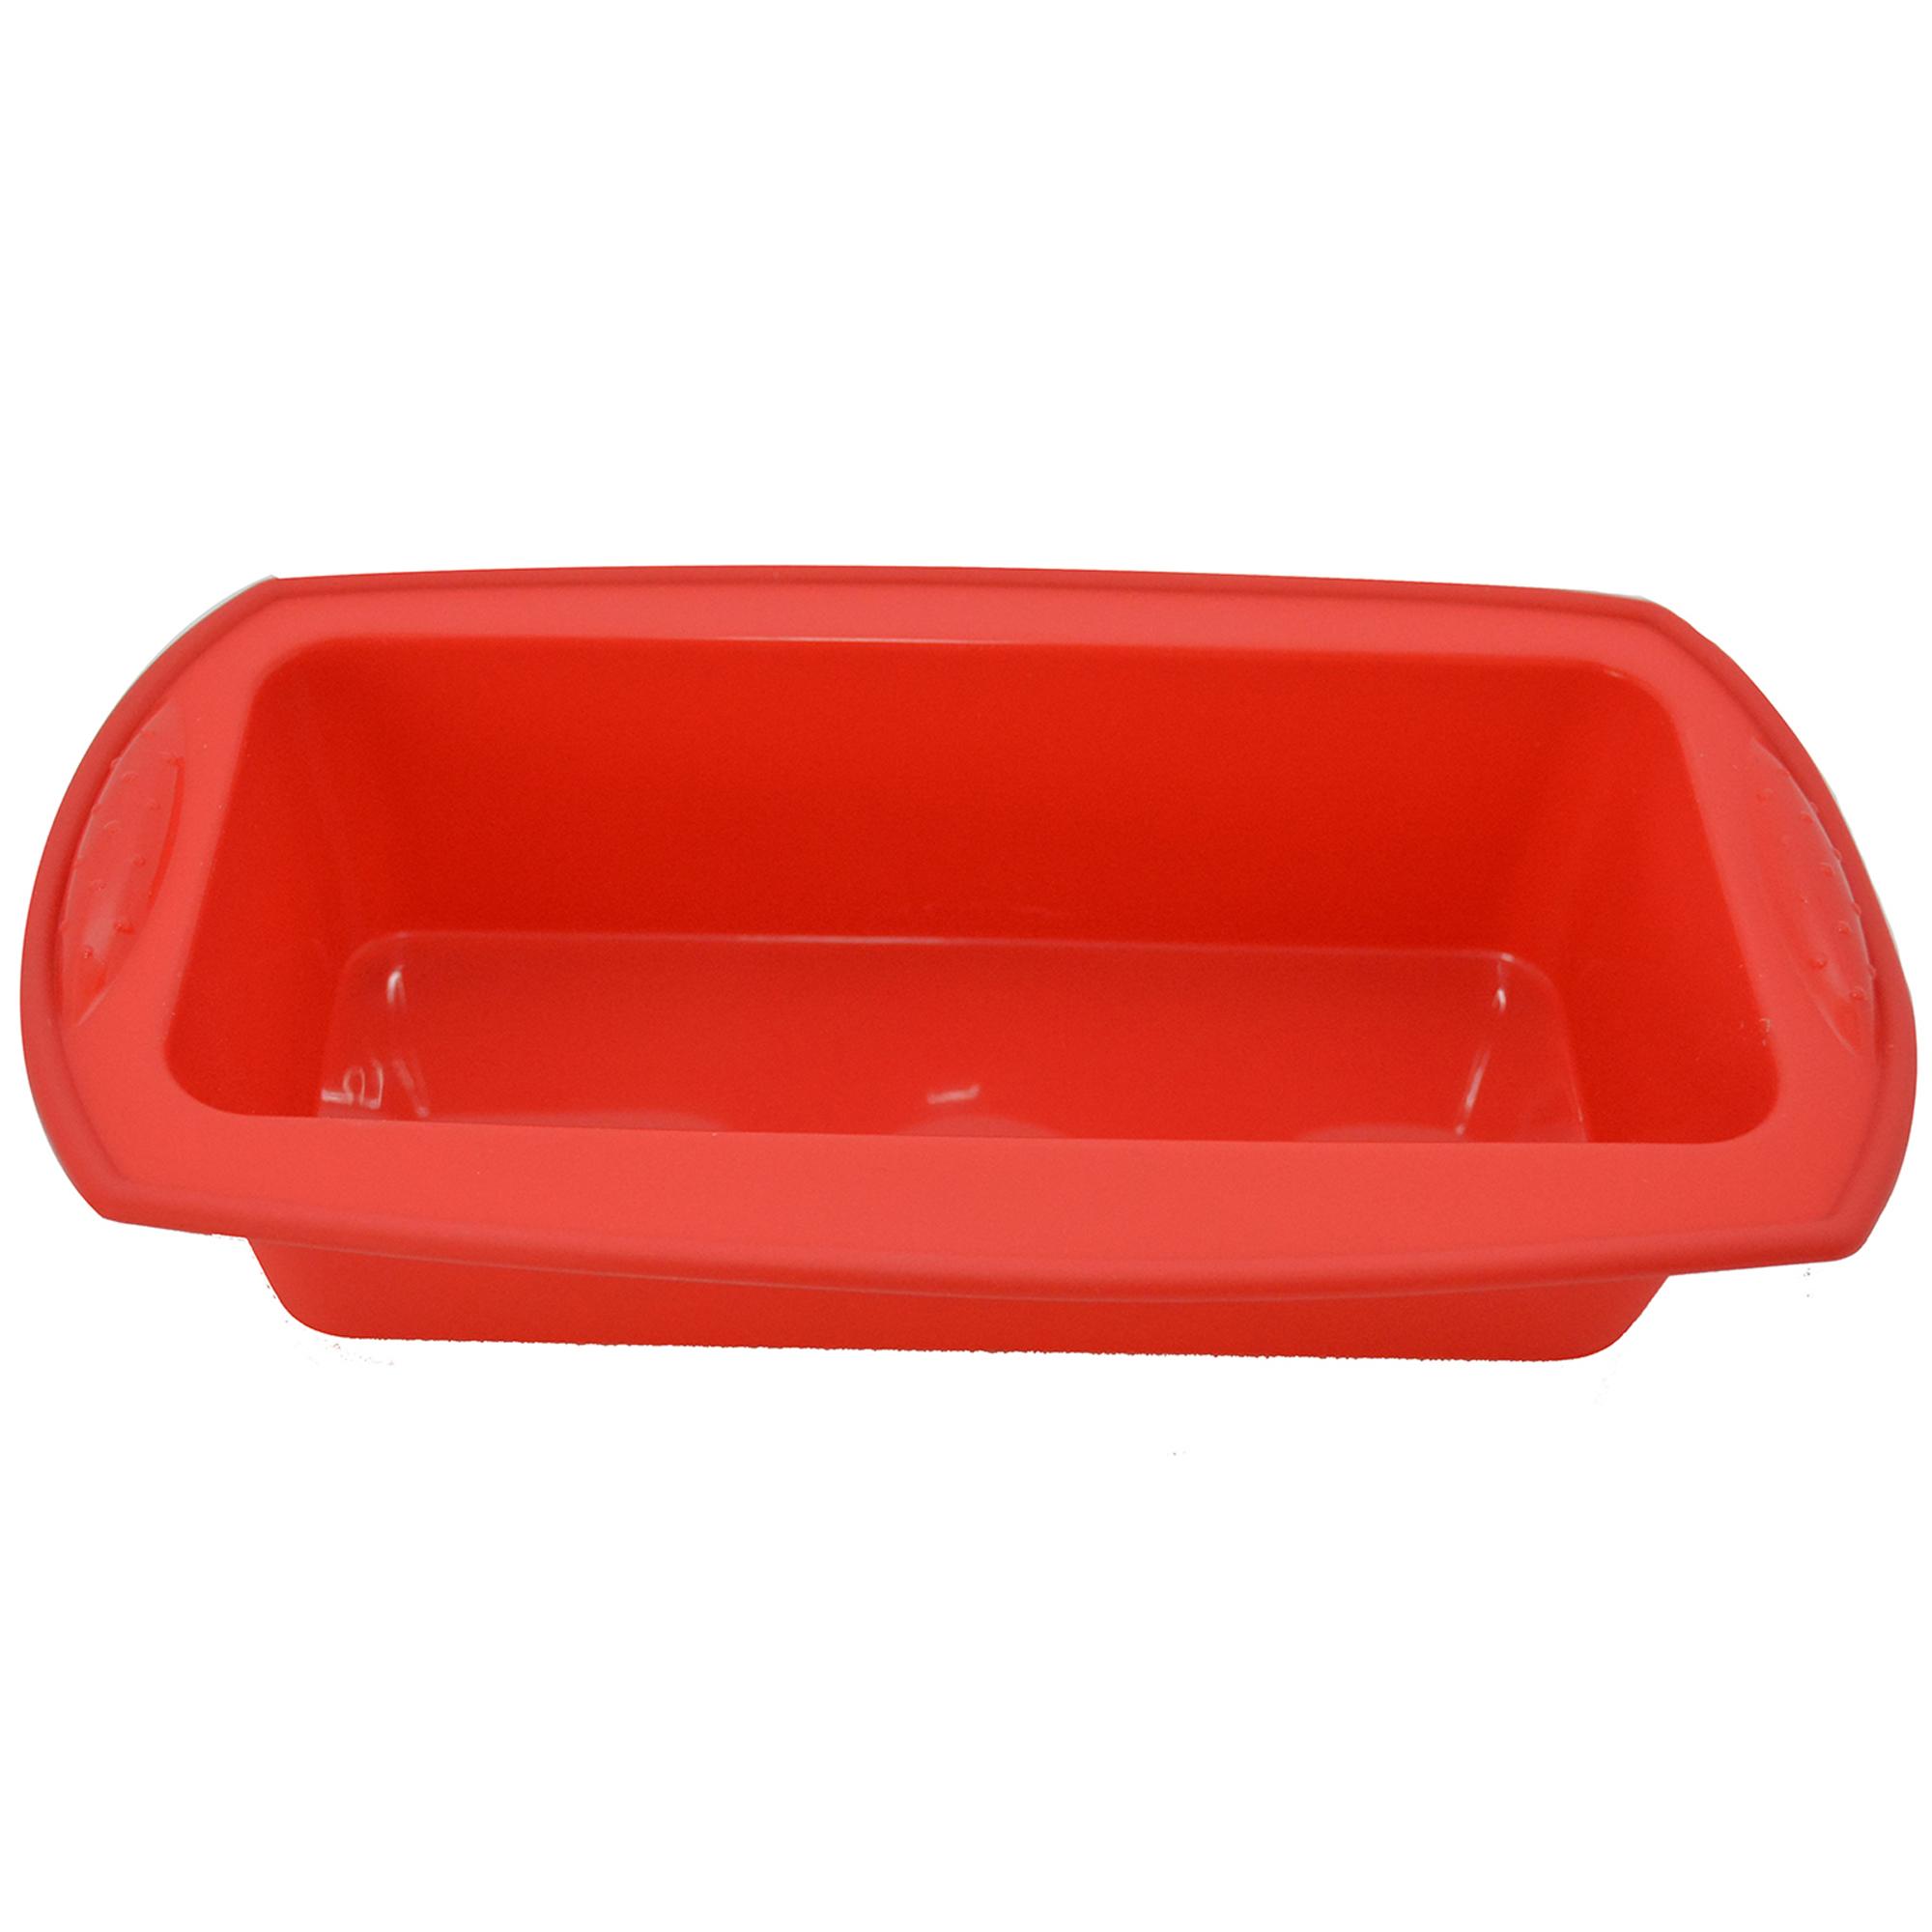 Tava de silicon 27,5 x 14,5 cm, Red, Dainty